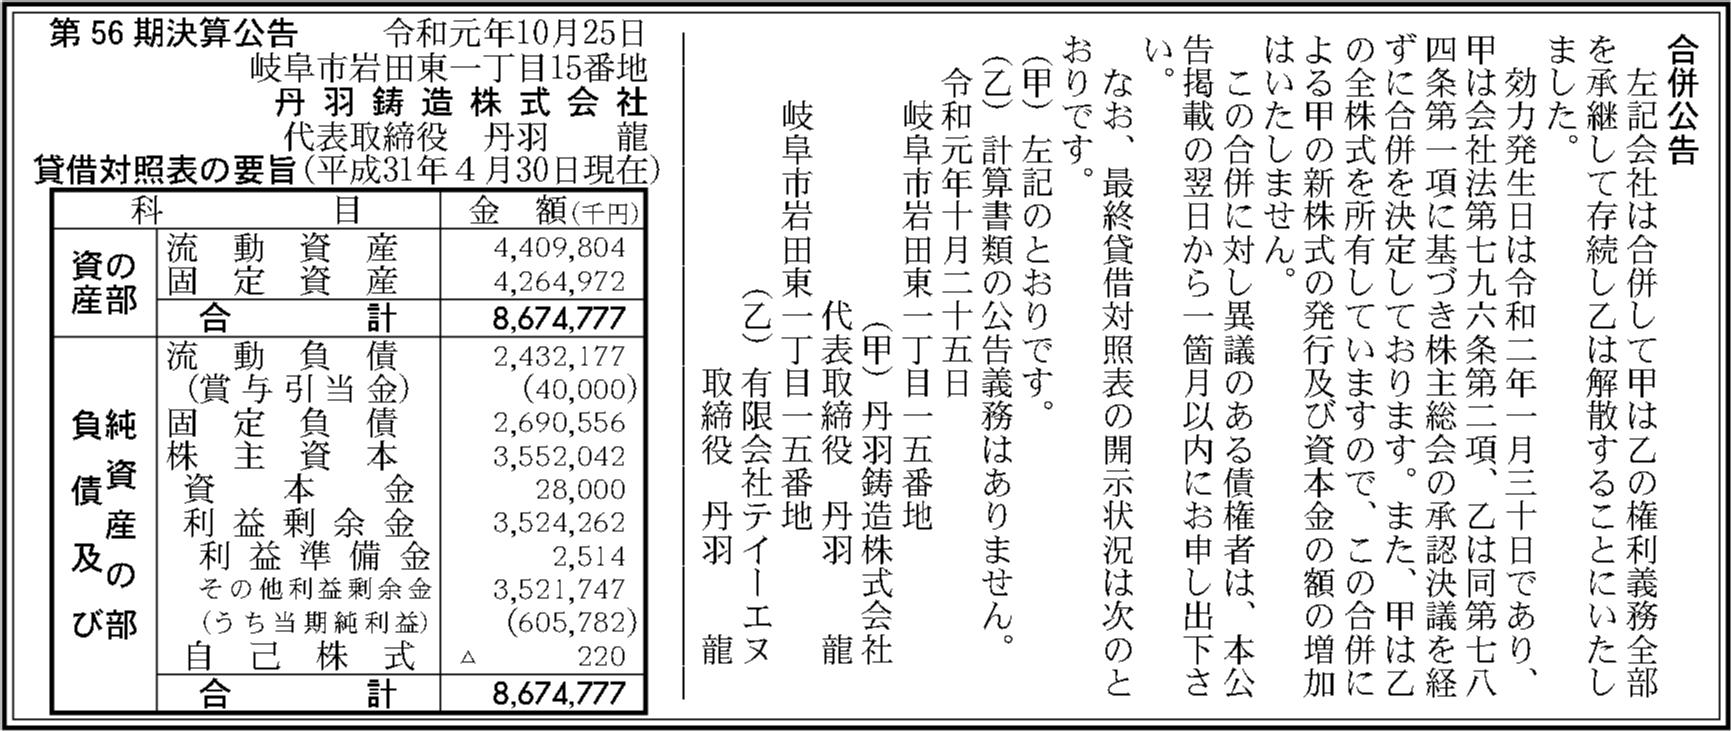 0117 98abff2f54b6f19b284c7847d3c7d426e53d2ec50606cbe3b3abd961060645d4e08e4d37022a60bbbb30cd39f13e6e6fc7be285f25550b6209b7a91b27ecd715 07